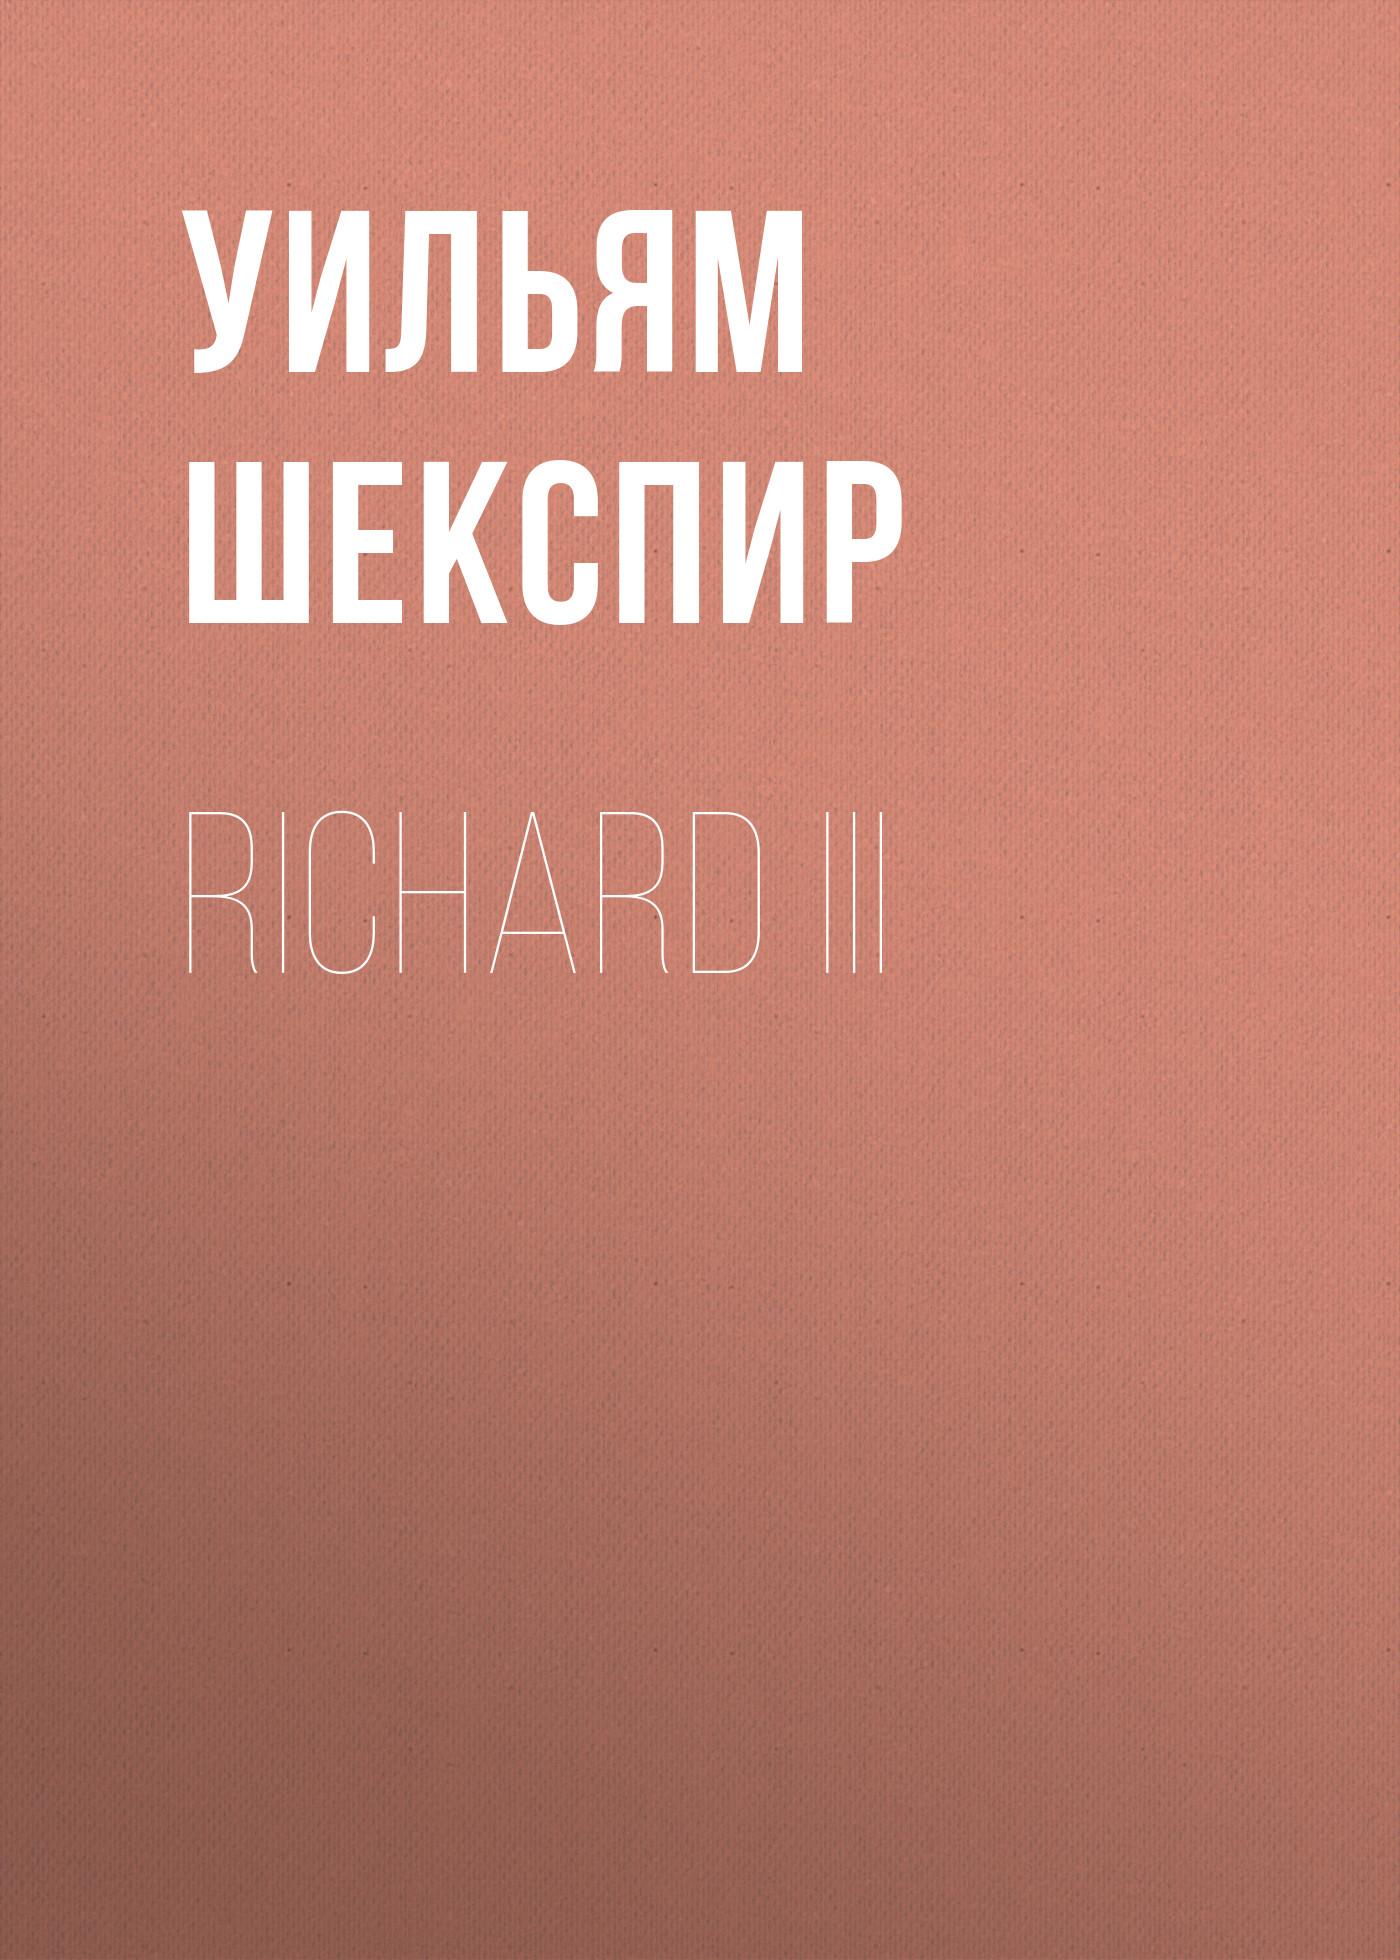 Уильям Шекспир Richard III